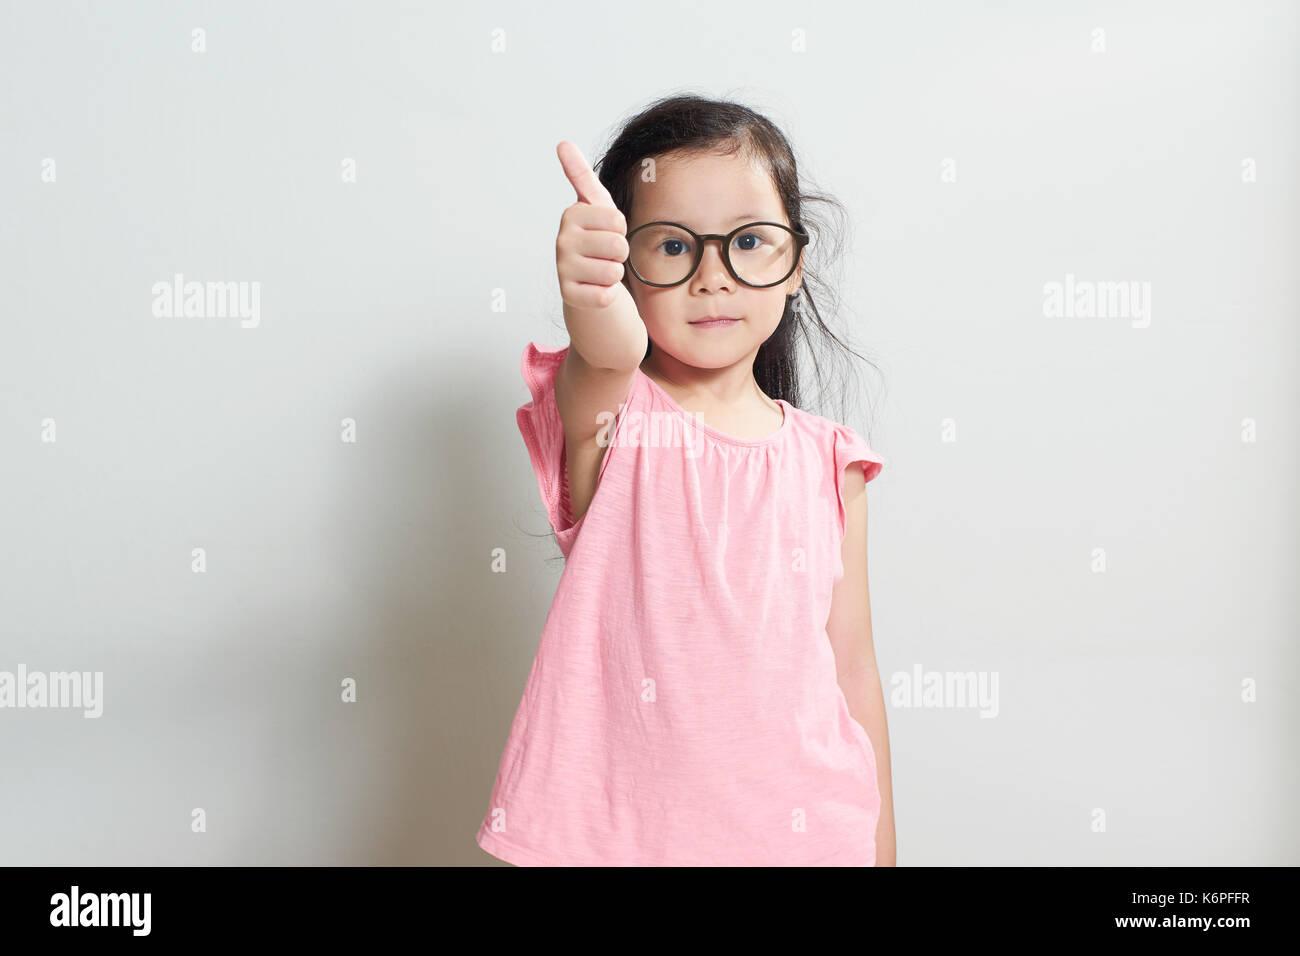 Niña vestida de rosa está mostrando el pulgar hacia arriba , gestos aislados sobre fondo blanco . Imagen De Stock